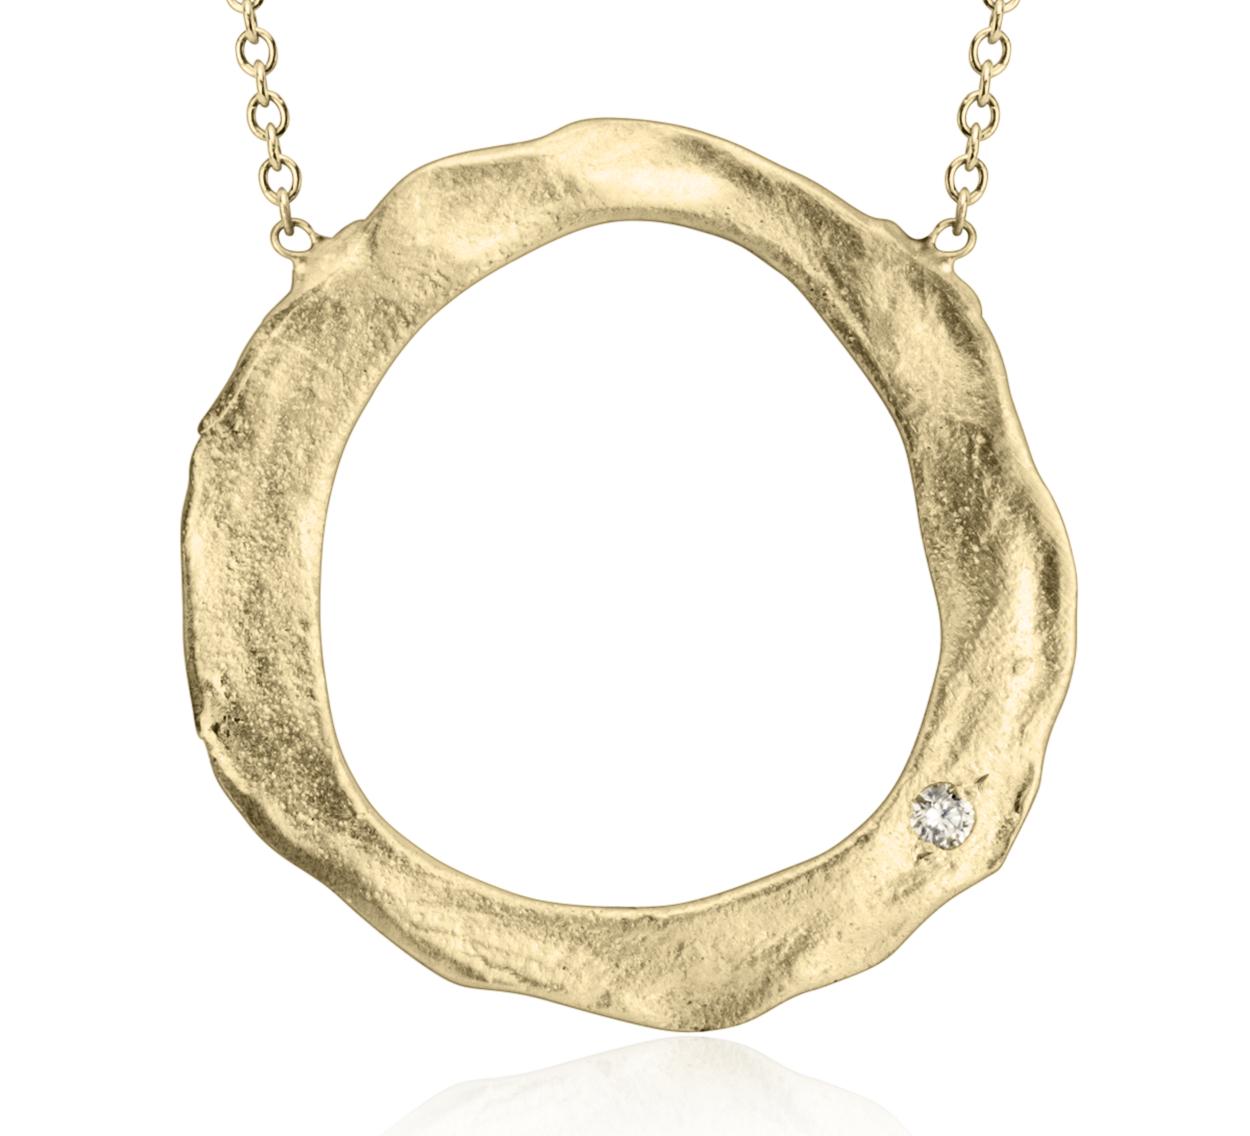 Collar circular artesanal de Denise James en oro amarillo satinado de 14k